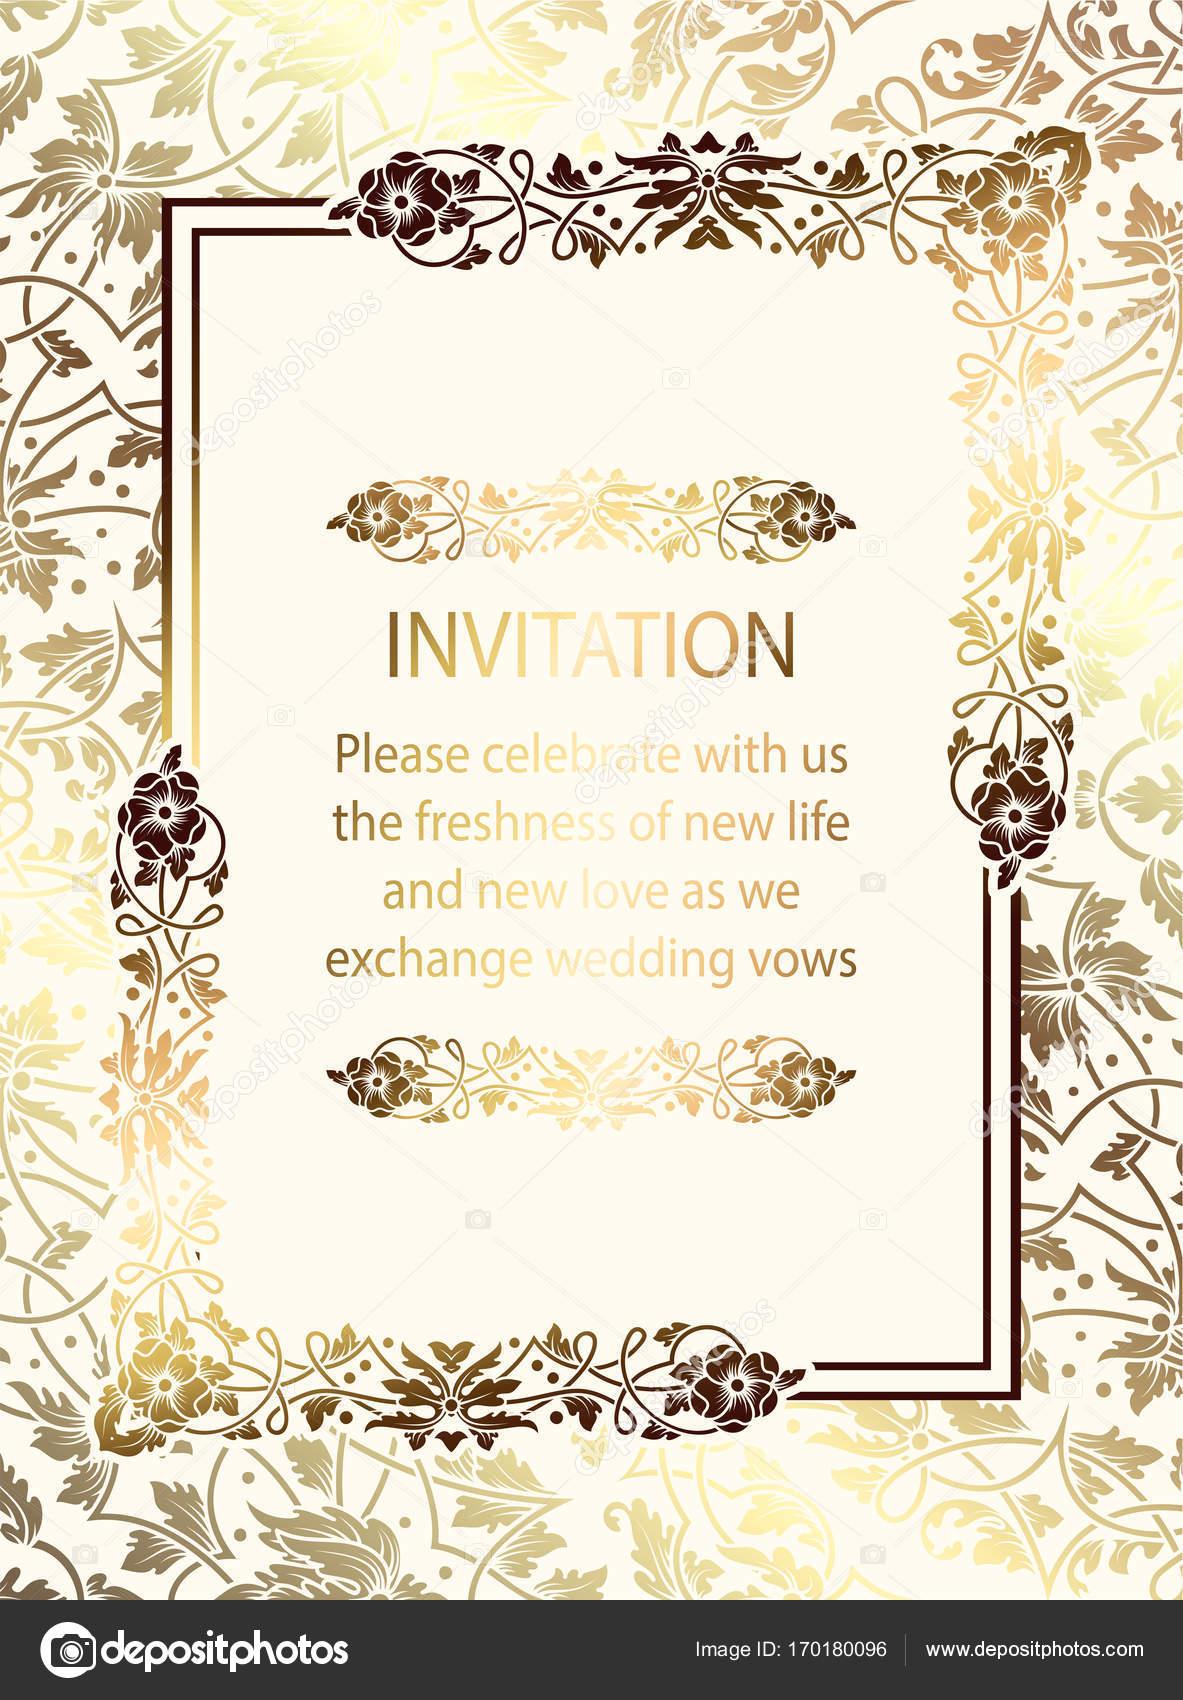 Carte D Invitation Mariage Luxe Baroque Complexe Riche Decor Or Sur